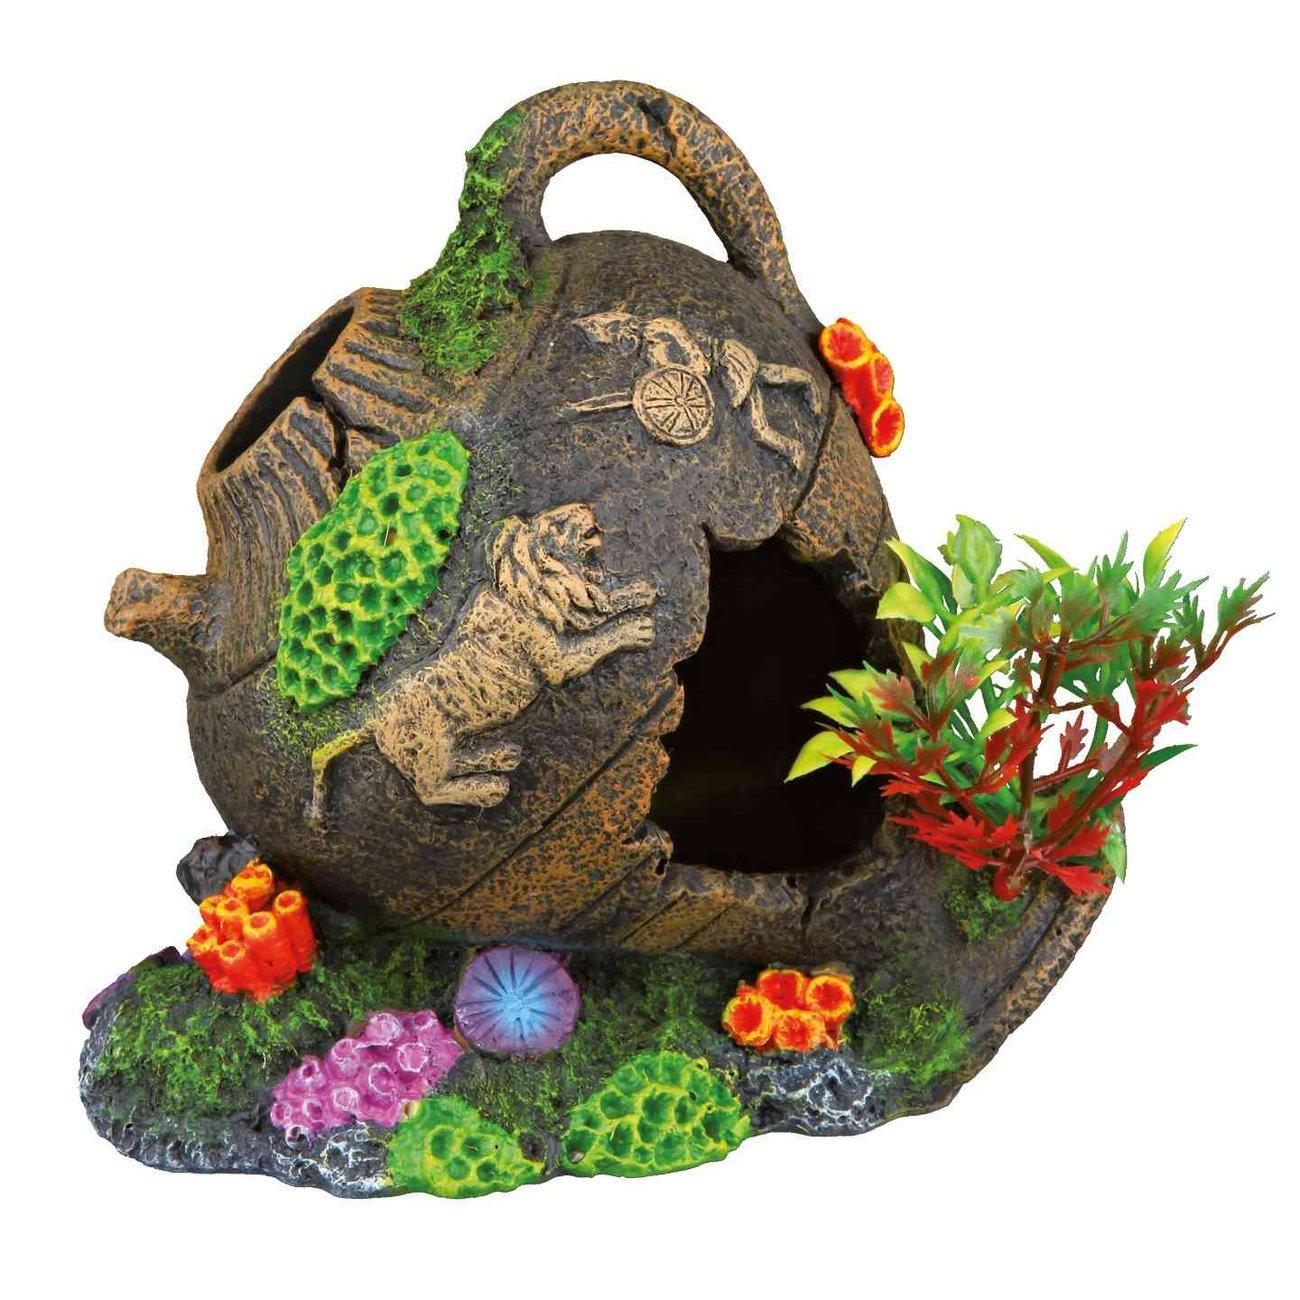 Deko Krug Fur Das Aquarium 87800 Von Trixie Gunstig Bestellen Tiierisch De